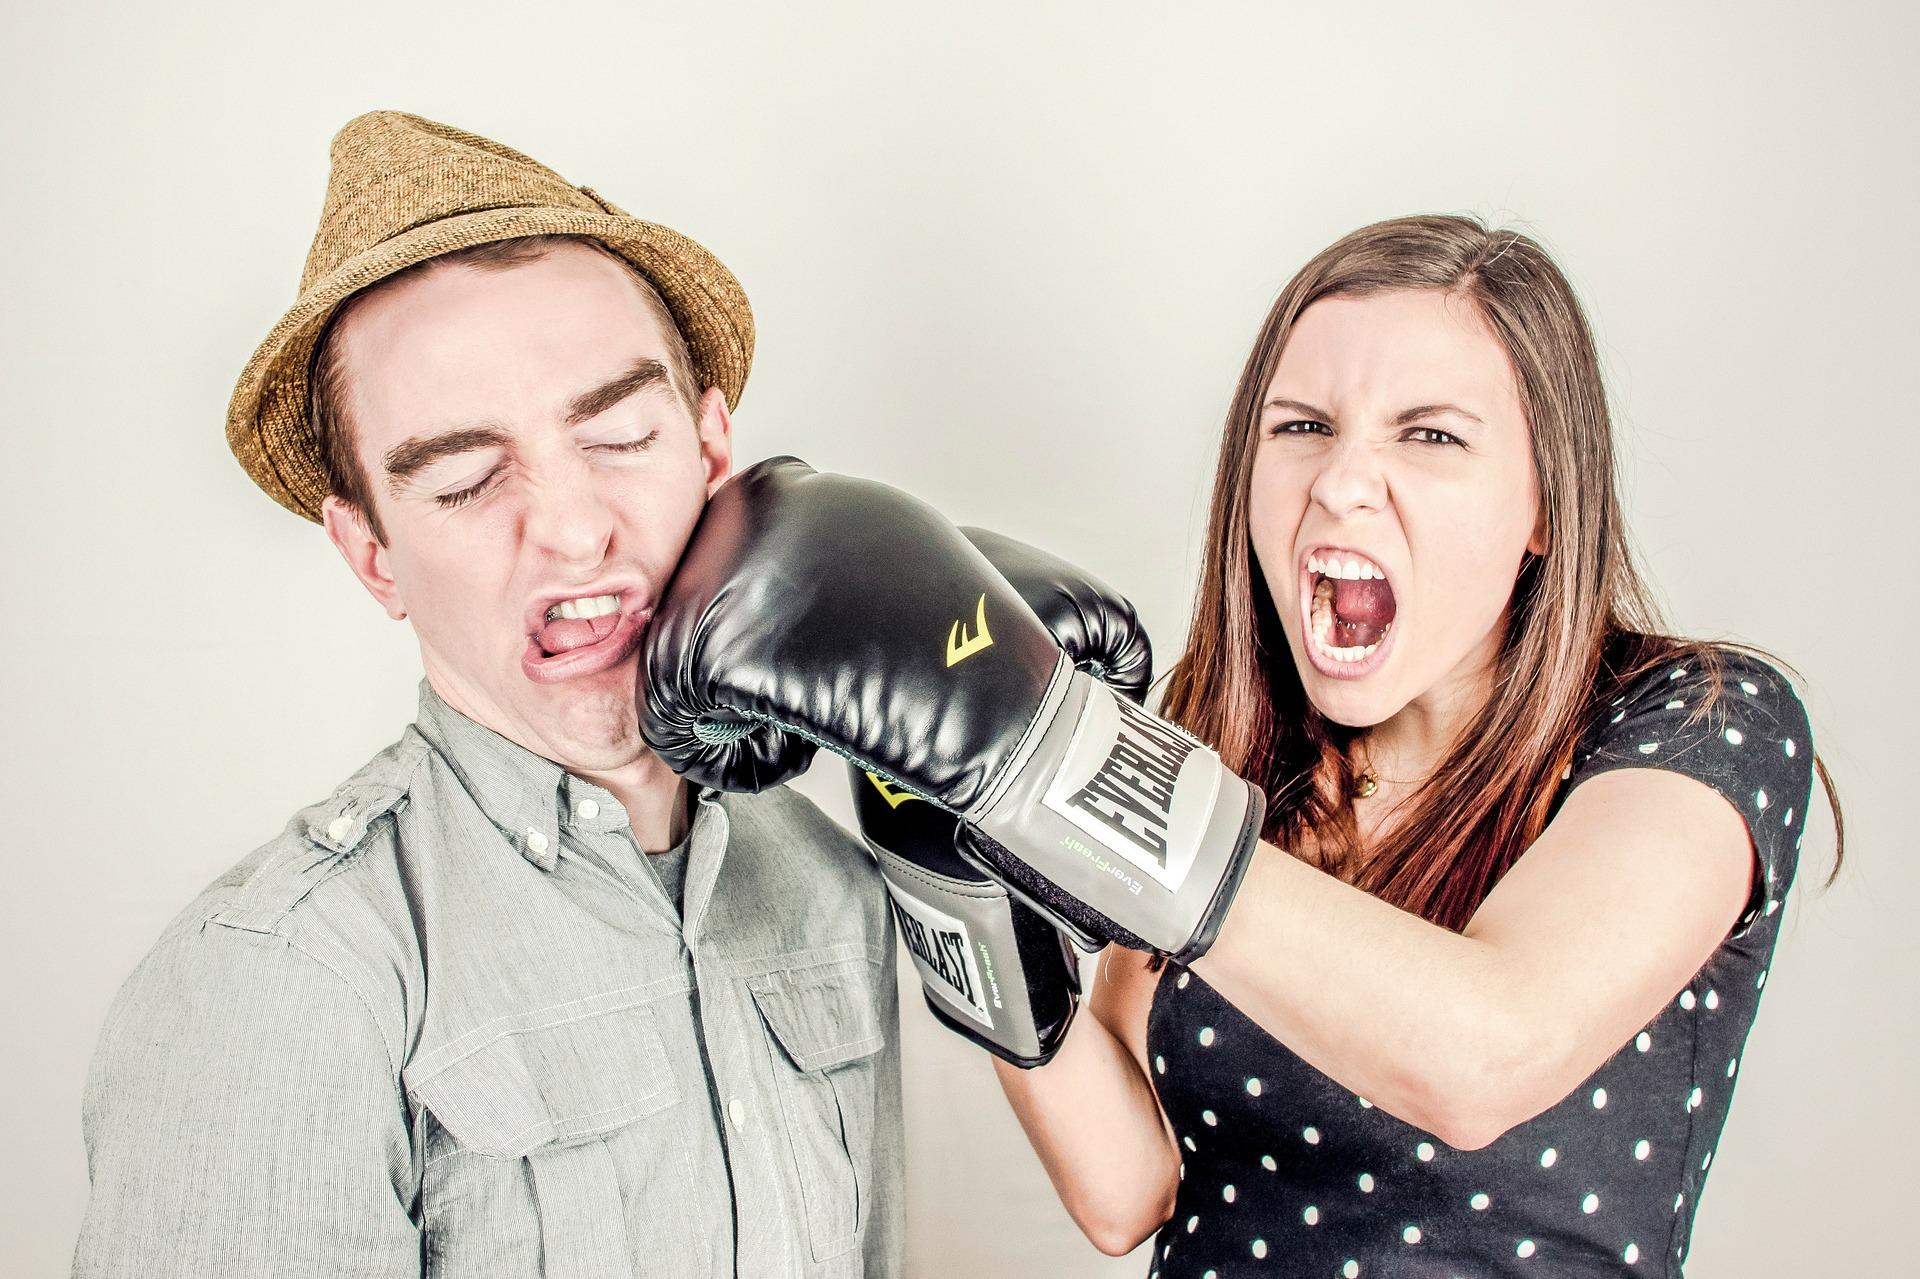 obiceiuri toxice cuplu - sfatulparintilor.ro - pixabay_com- argument-238529_1920